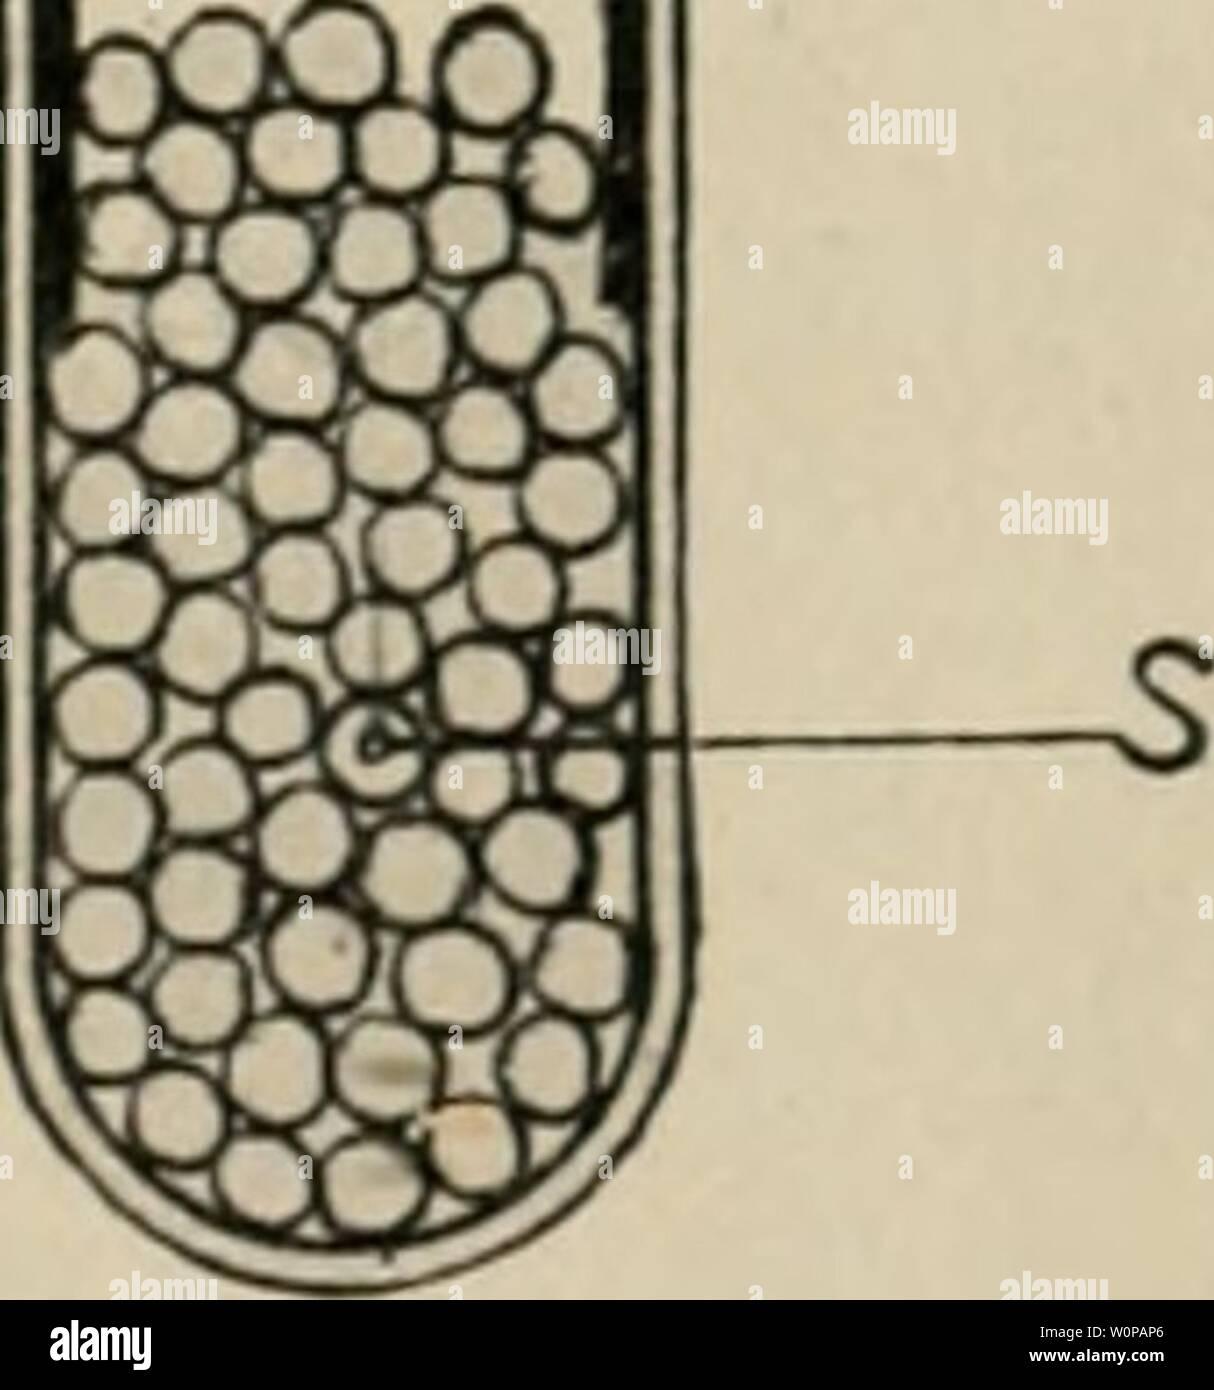 Archive image from page 32 of Der farbensinn und Formensinn der. Der farbensinn und Formensinn der Biene derfarbensinnund00fris Year: 1914  C -'    Fig. B. entfaltete (zufällig in der Nähe des Versuchstisches) die Taf. 1, auf der die 4 blauen Dressurpapiere in blauer Farbe reproduziert sind; das Blau war auf der Probetafel dunkler und intensiver als auf der vorliegenden Taf. 1. Nach wenigen Sekunden hatten sich einige dressierte Bienen eingestellt, die gegen die kleinen blauen Felder anflogen und sich bald hier, bald dort auf einem der 4 Felder niederließen, wobei sie es mit ihrem Körper fast - Stock Image